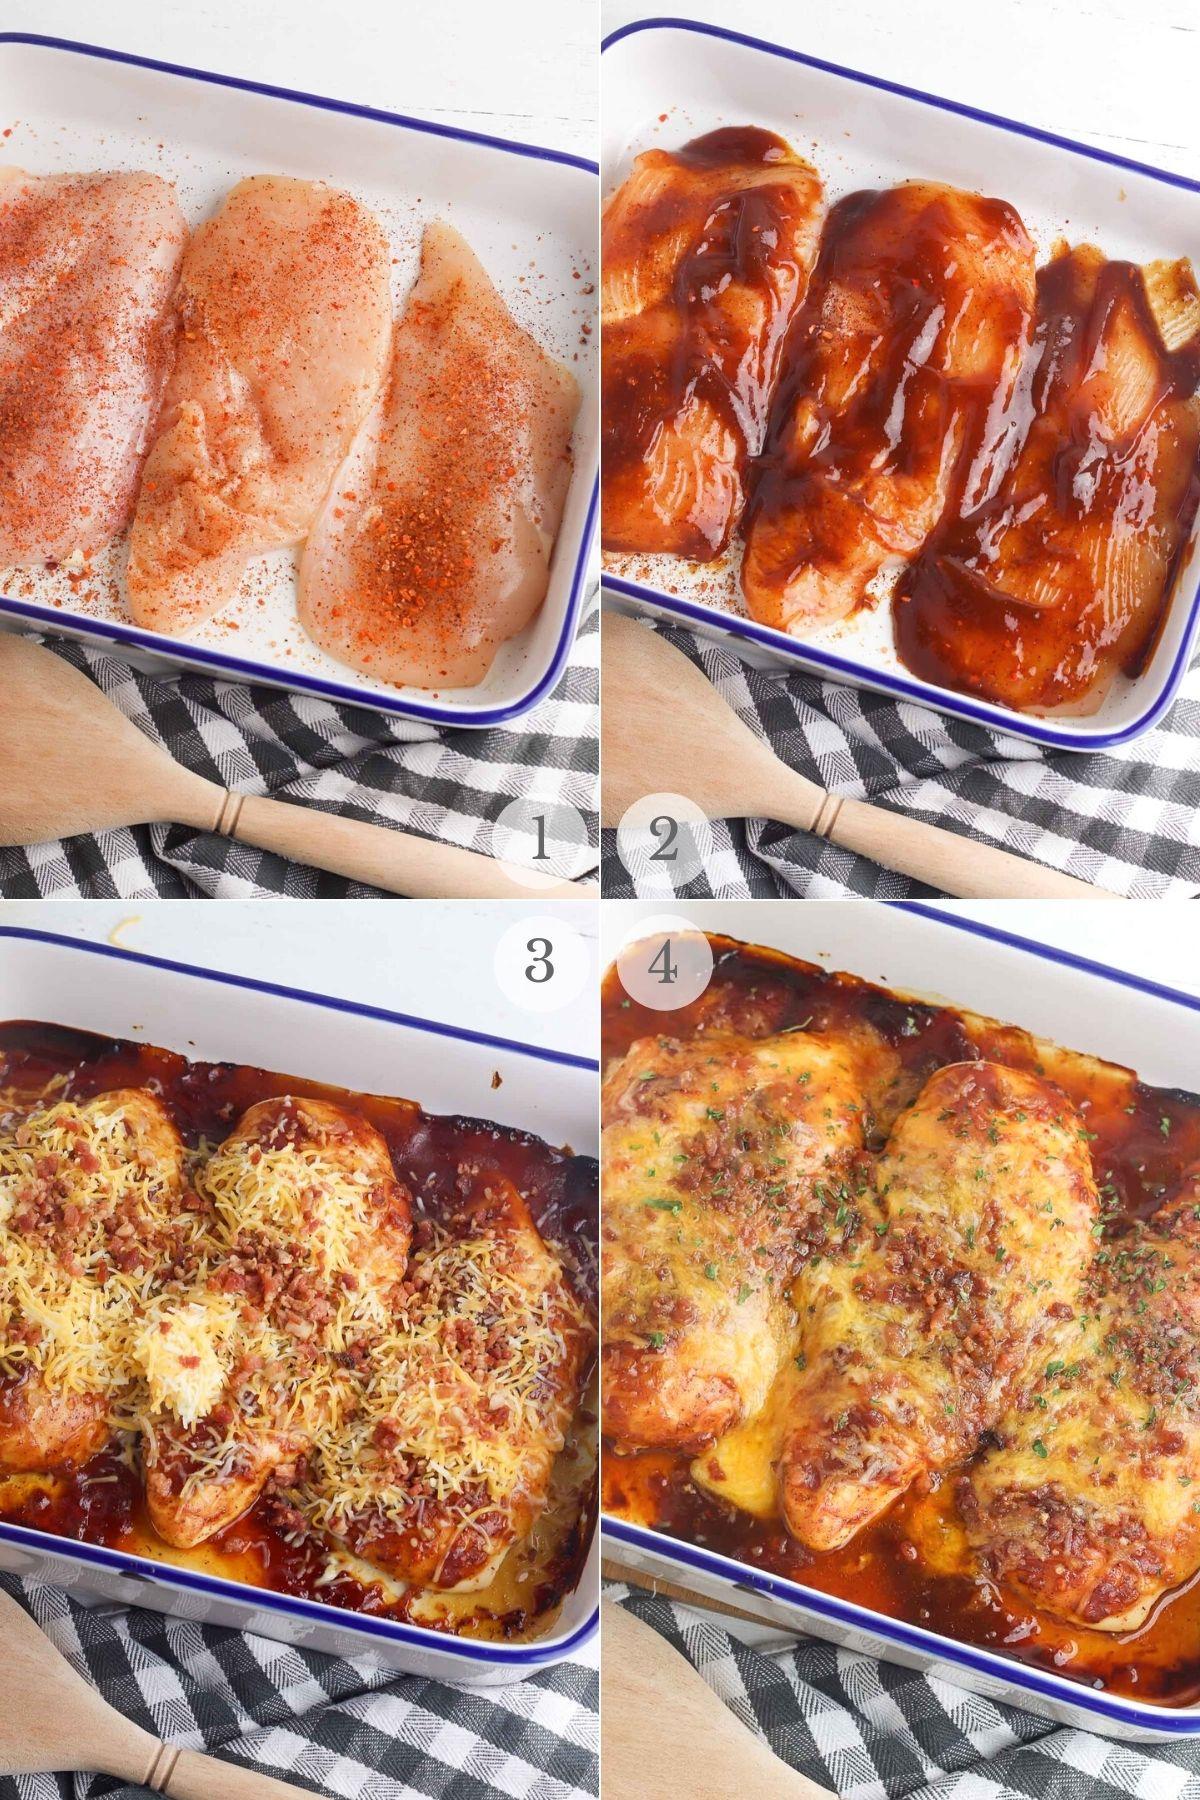 monterey chicken recipe steps 1-4